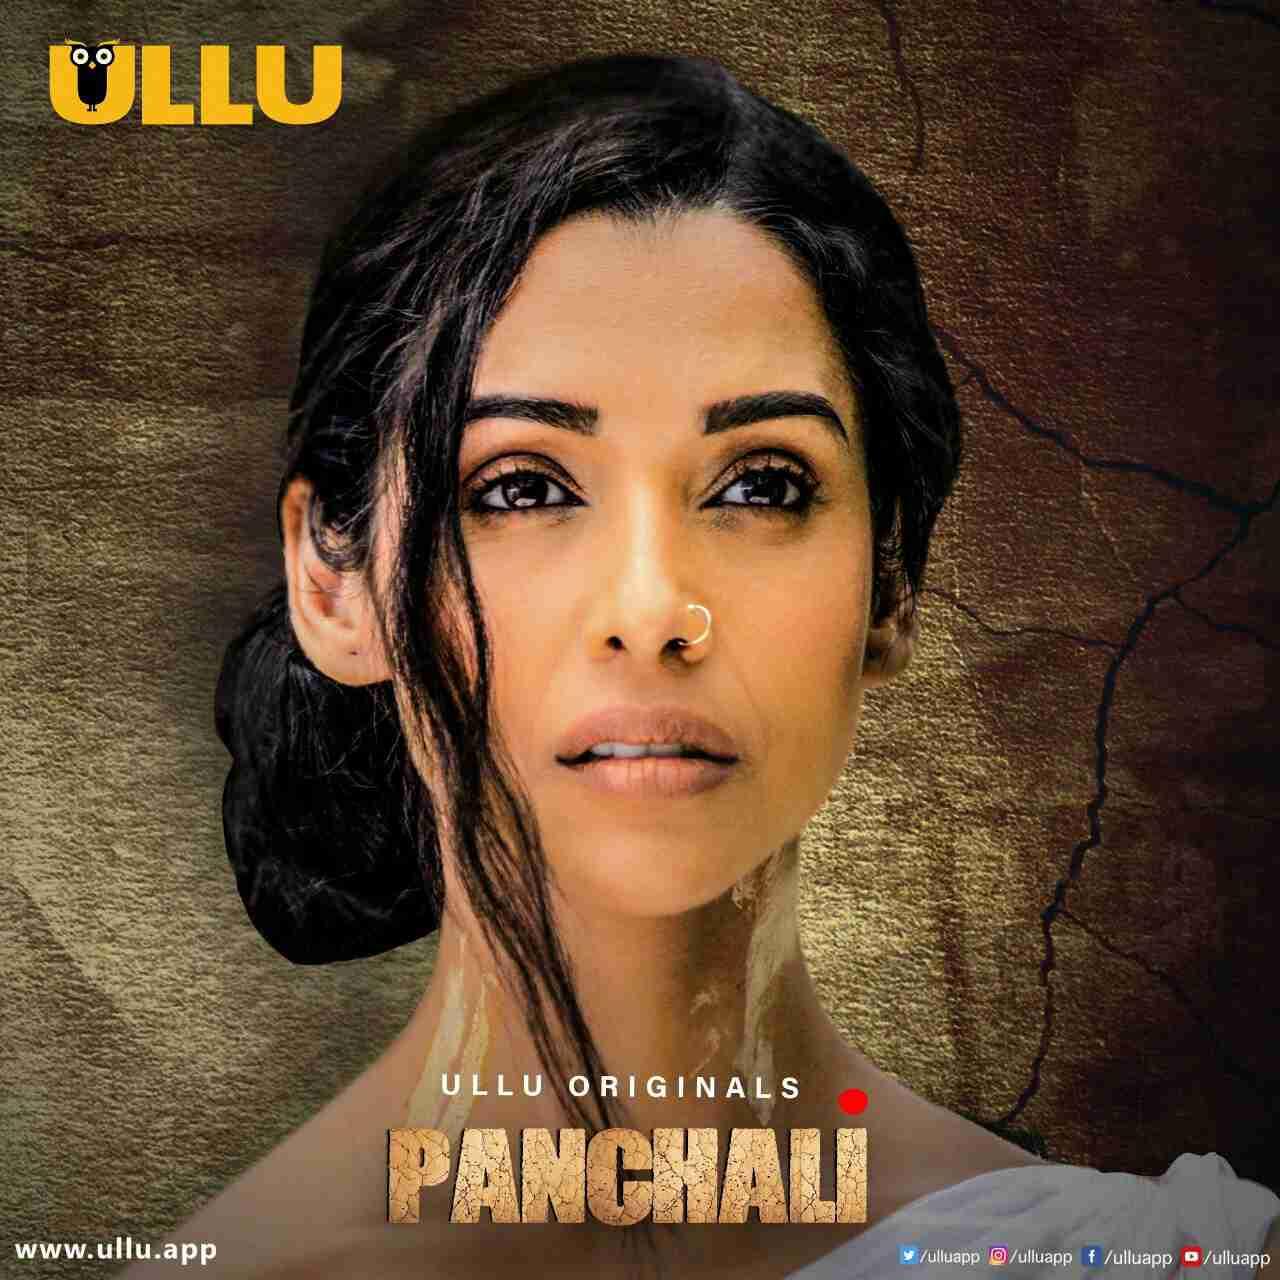 Panchali (2019) Season 01 || Complete Episode (AIO) || Hindi || 720p || Ullu Original | Title : Panchali Year : 2019 Language : Hindi Quality : HDRip 720p, 480P